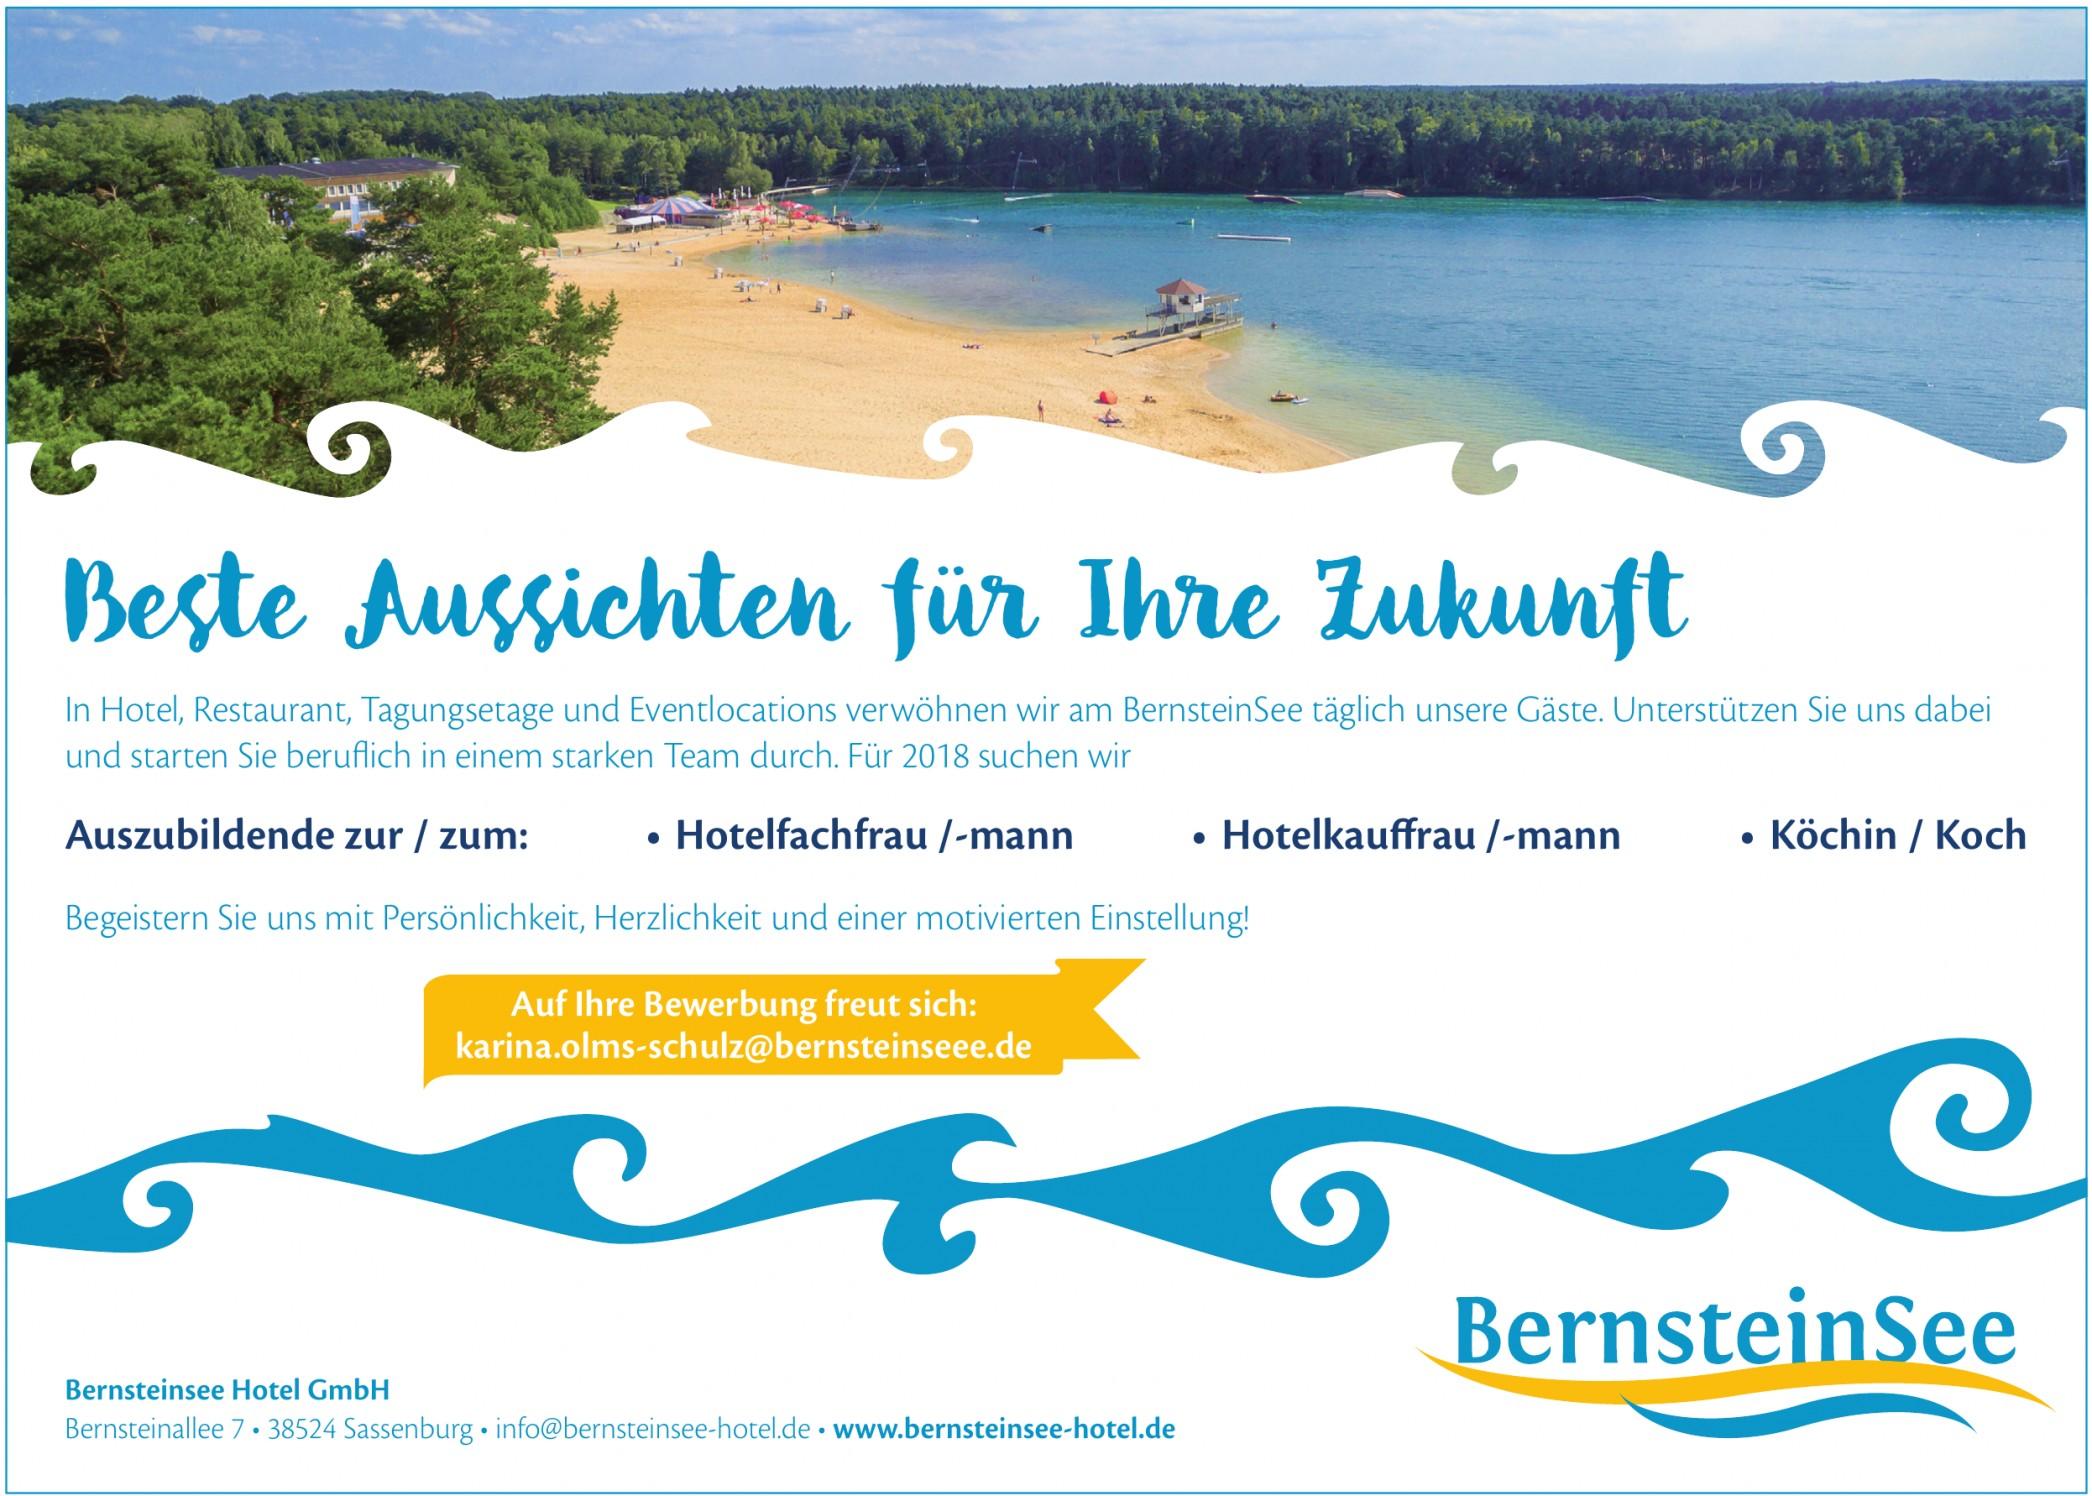 Bernsteinsee Hotel GmbH